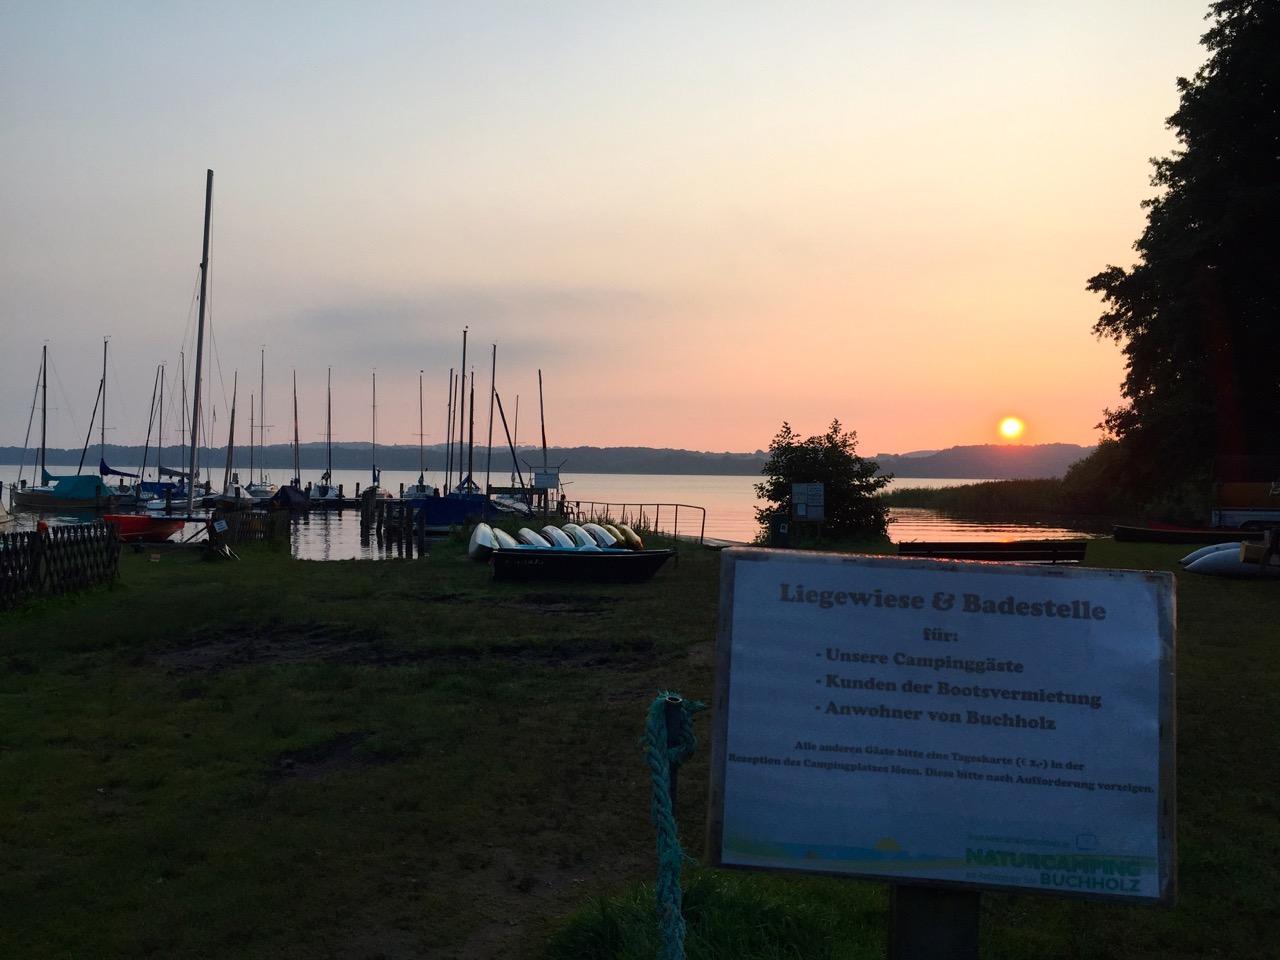 Ratzeburger See: Baden zum Sonnenaufgang